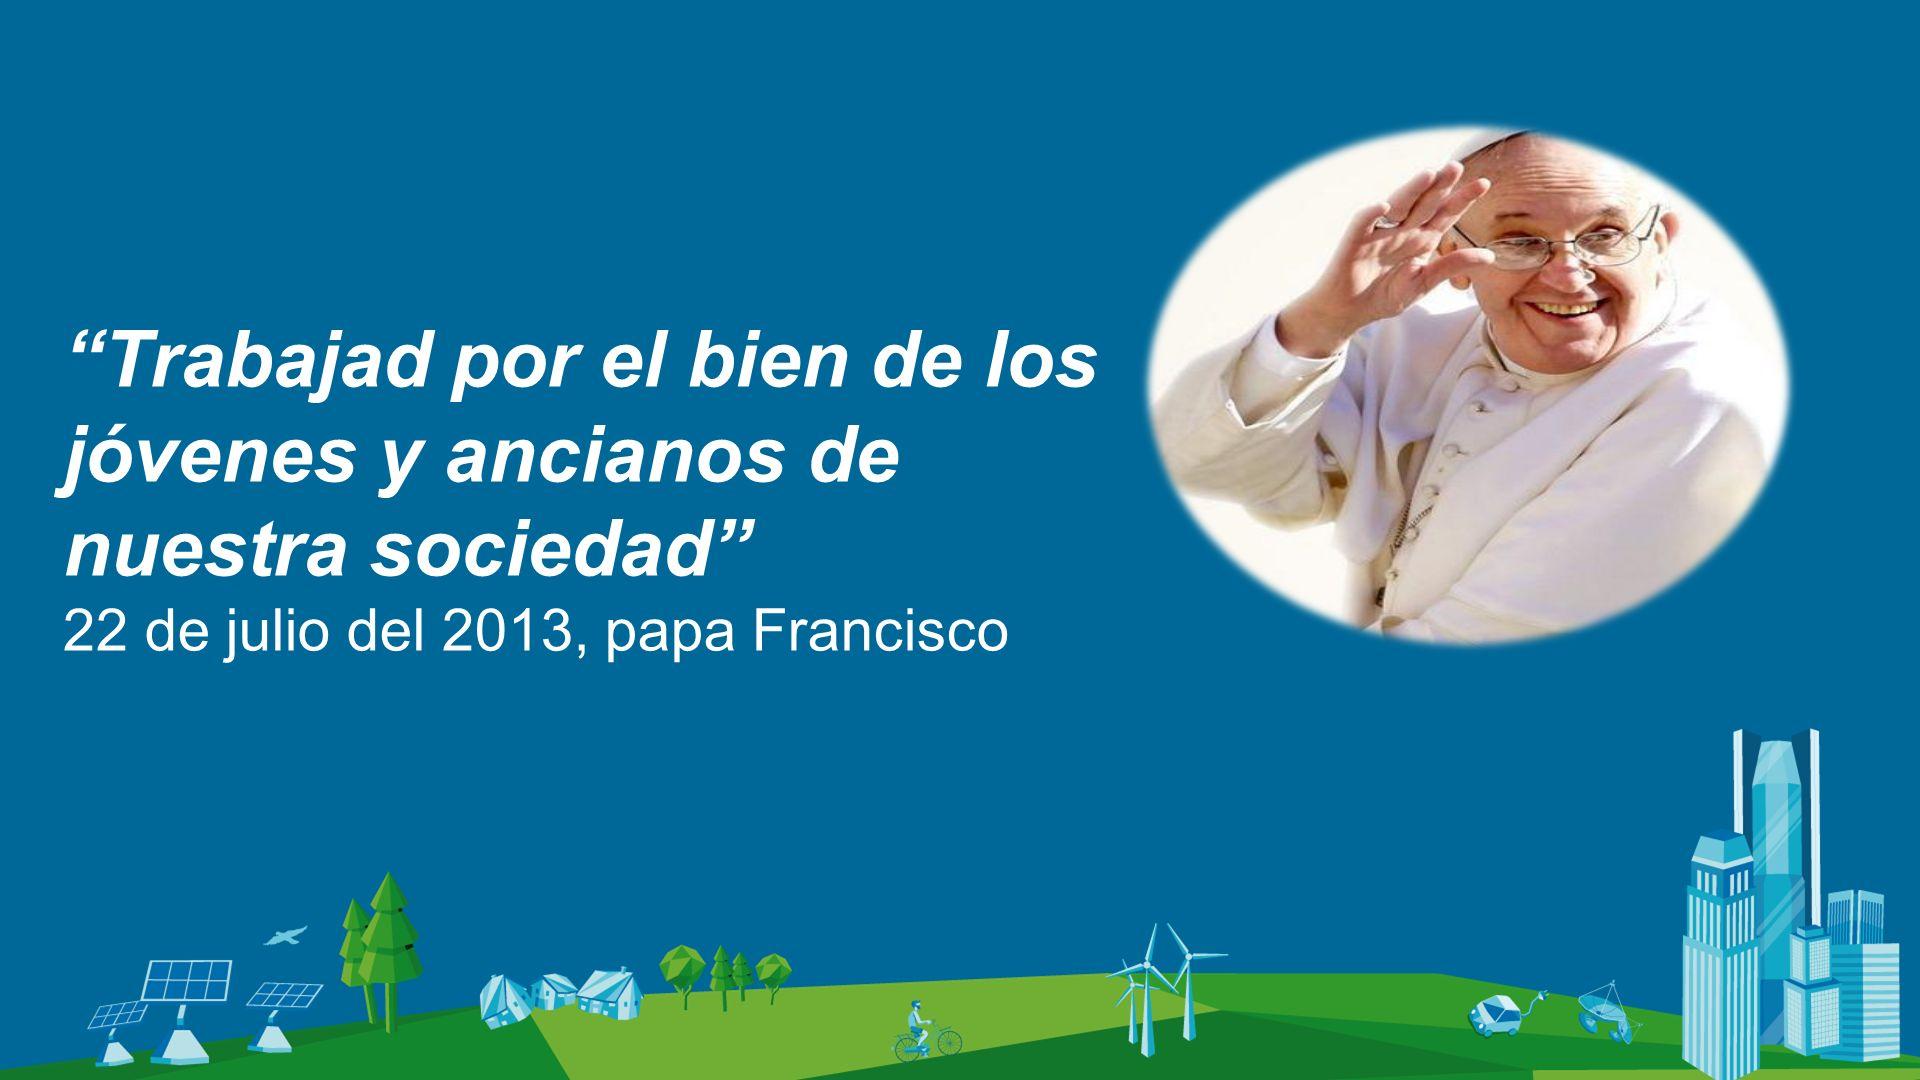 Trabajad por el bien de los jóvenes y ancianos de nuestra sociedad 22 de julio del 2013, papa Francisco